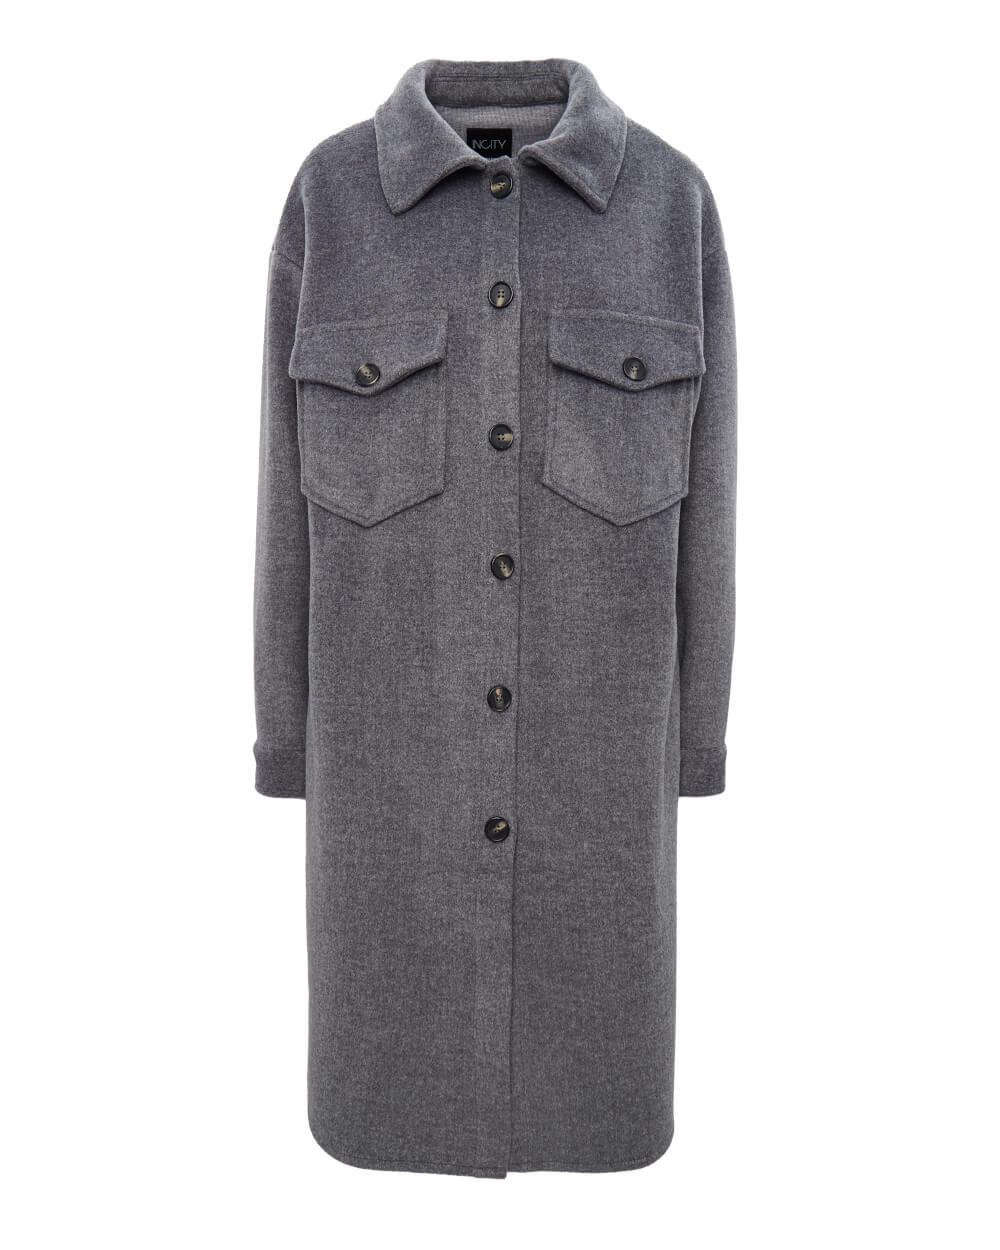 Пальто Верхняя одежда, артикул